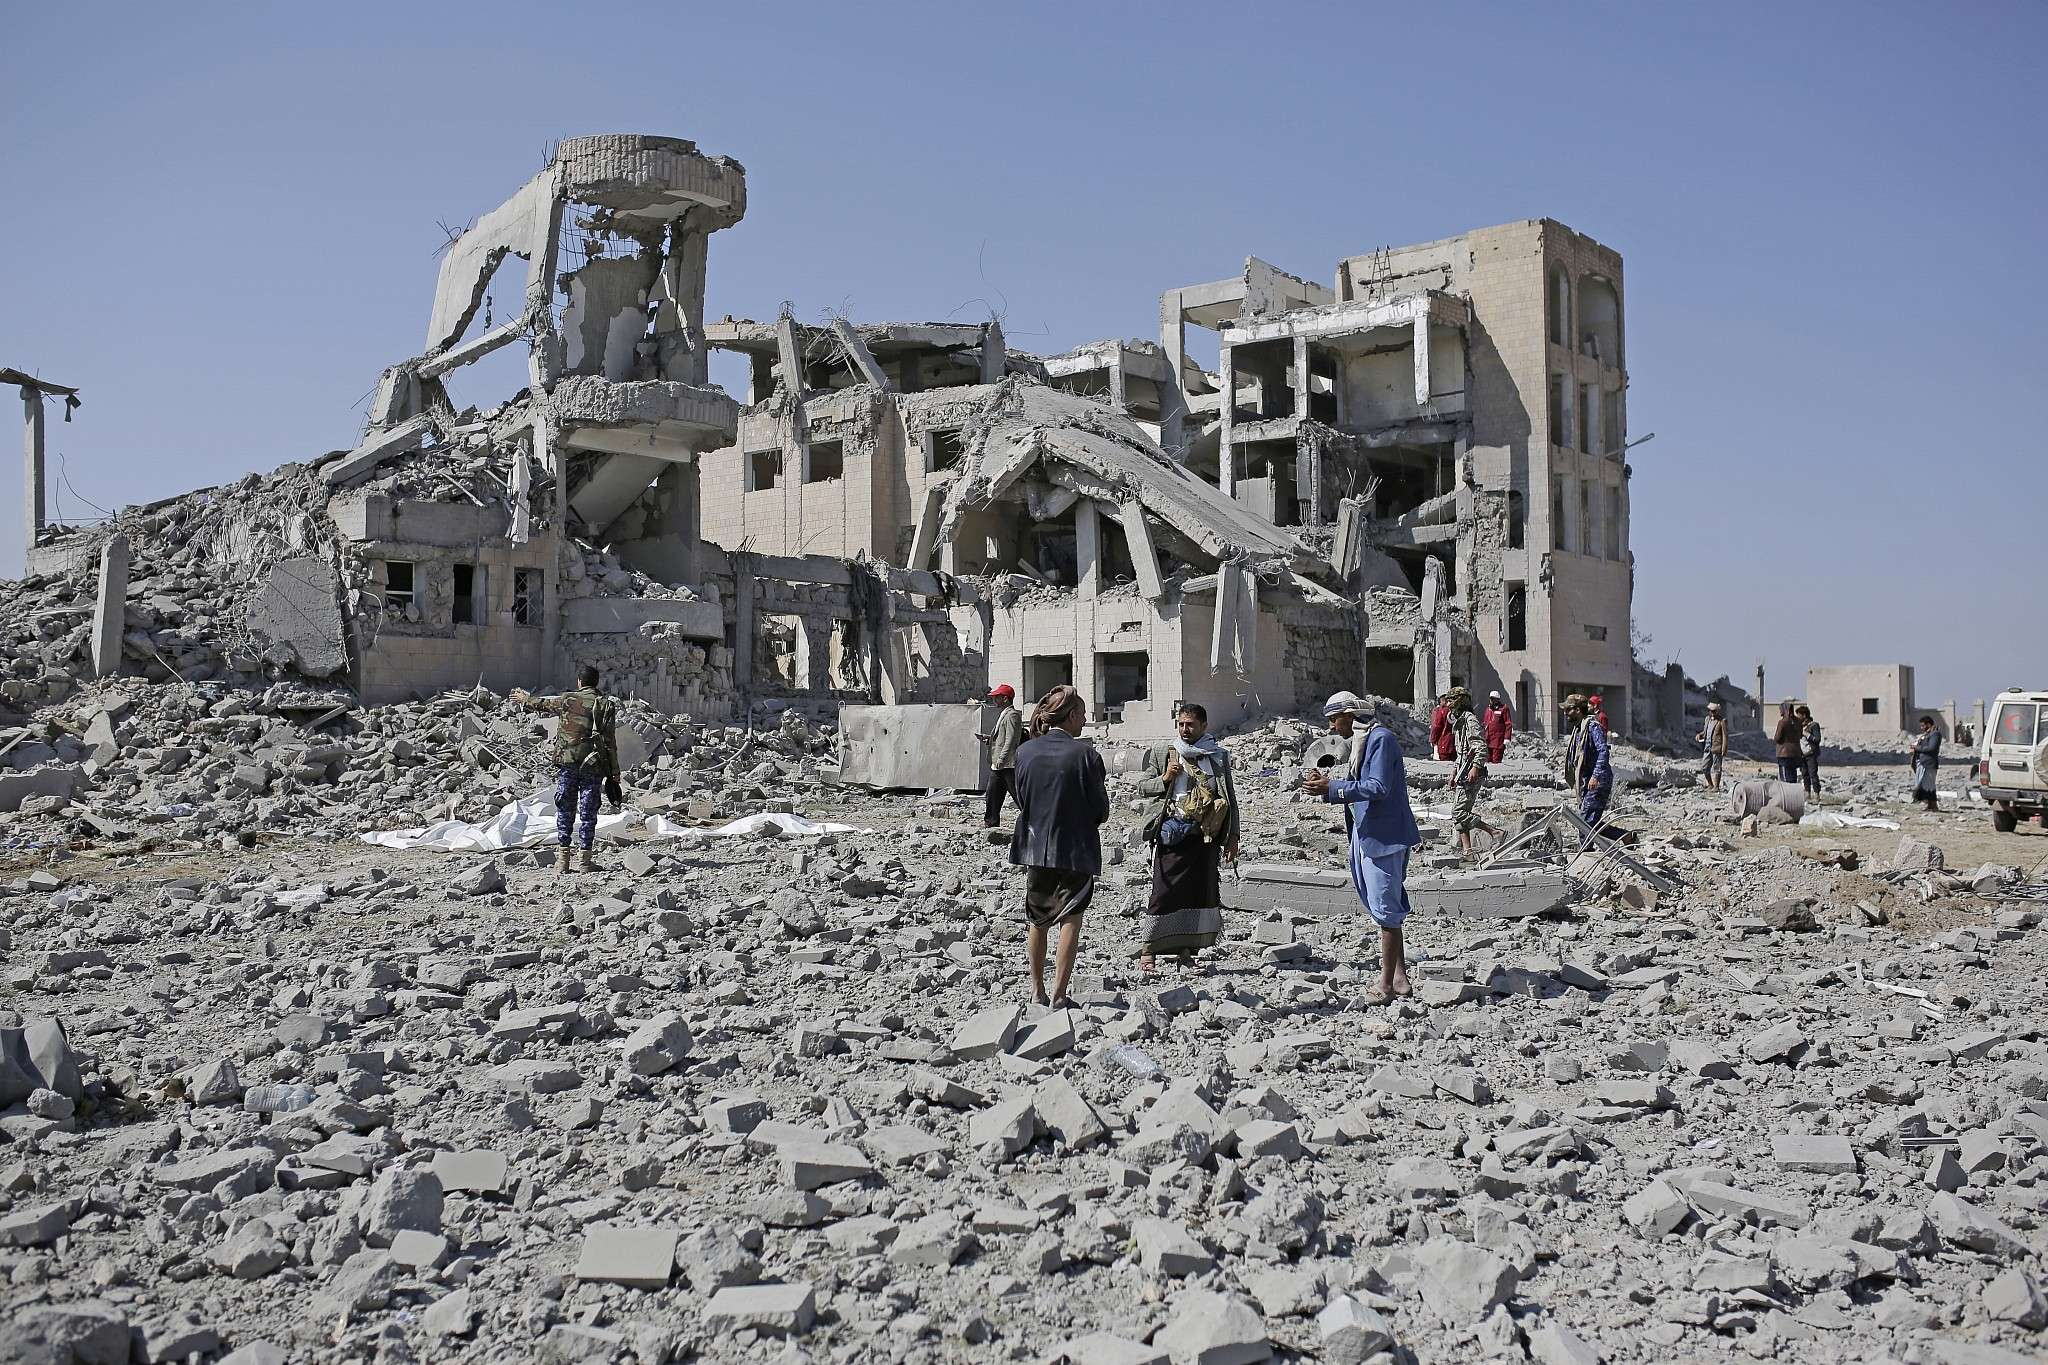 Euro-Med met en garde contre les opérations suspectes de transfert de prisonniers yéménites vers des sites précédemment bombardés